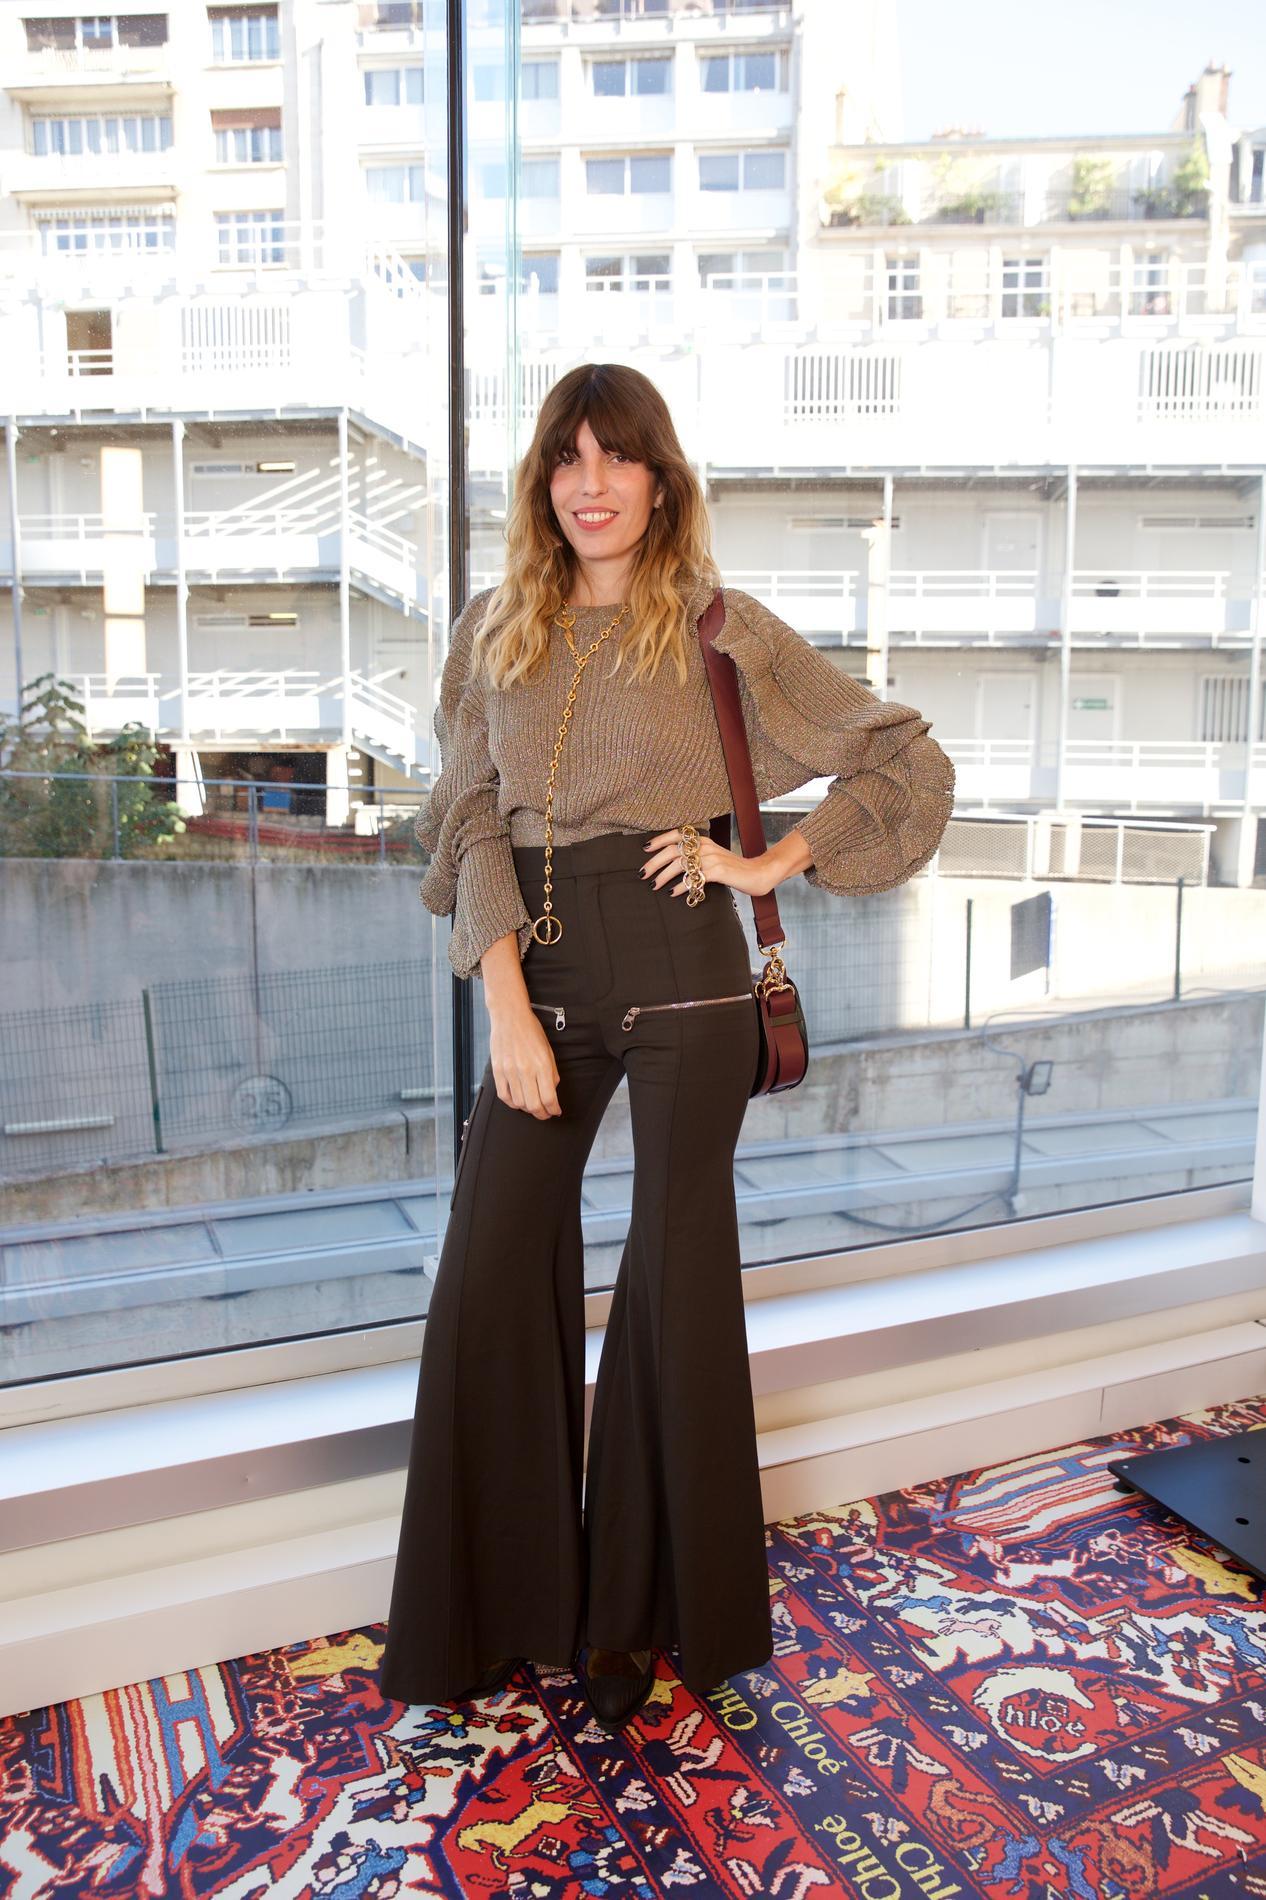 Au Cassel La Week Tina Kunakey Vincent Fashion Et Premier Rang De clFK1JT